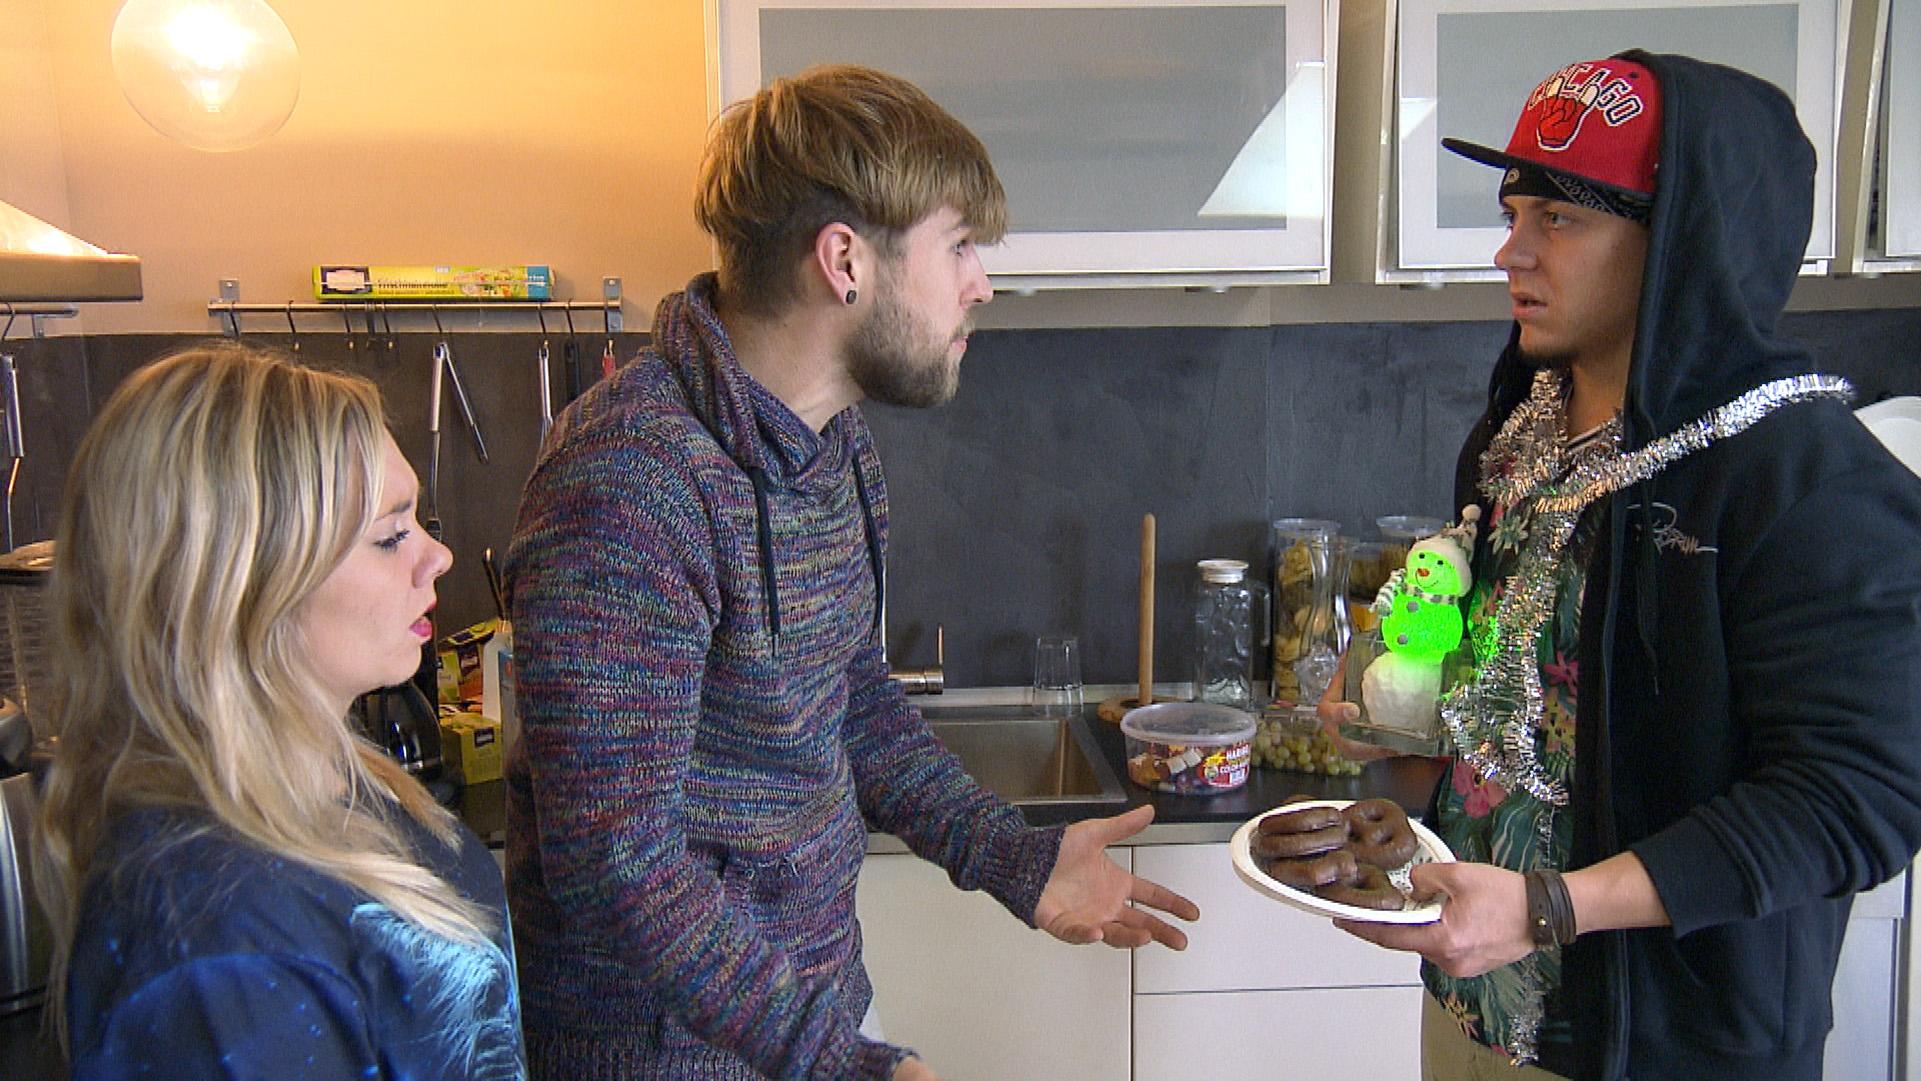 Chris (Mitte) ist gereizt und dünnhäutig. Auf die überbordende Weihnachtsvorfreude seiner Mitbewohner Chantal (li.) und Kevin (re.) reagiert er aggressiv... (Quelle: RTL 2)